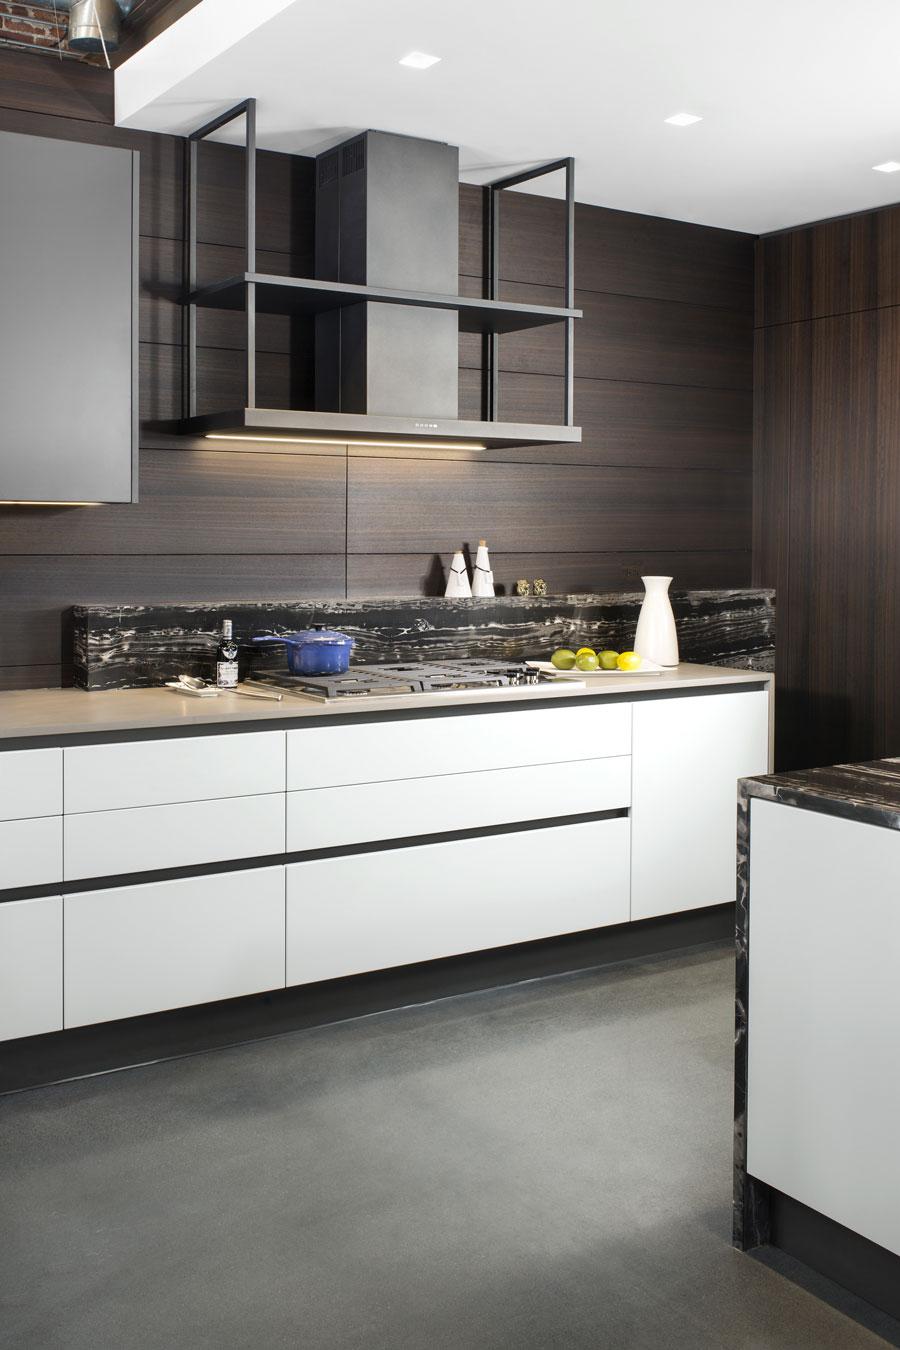 Aurum Home Technology Exquisite Kitchen Design Portfolio